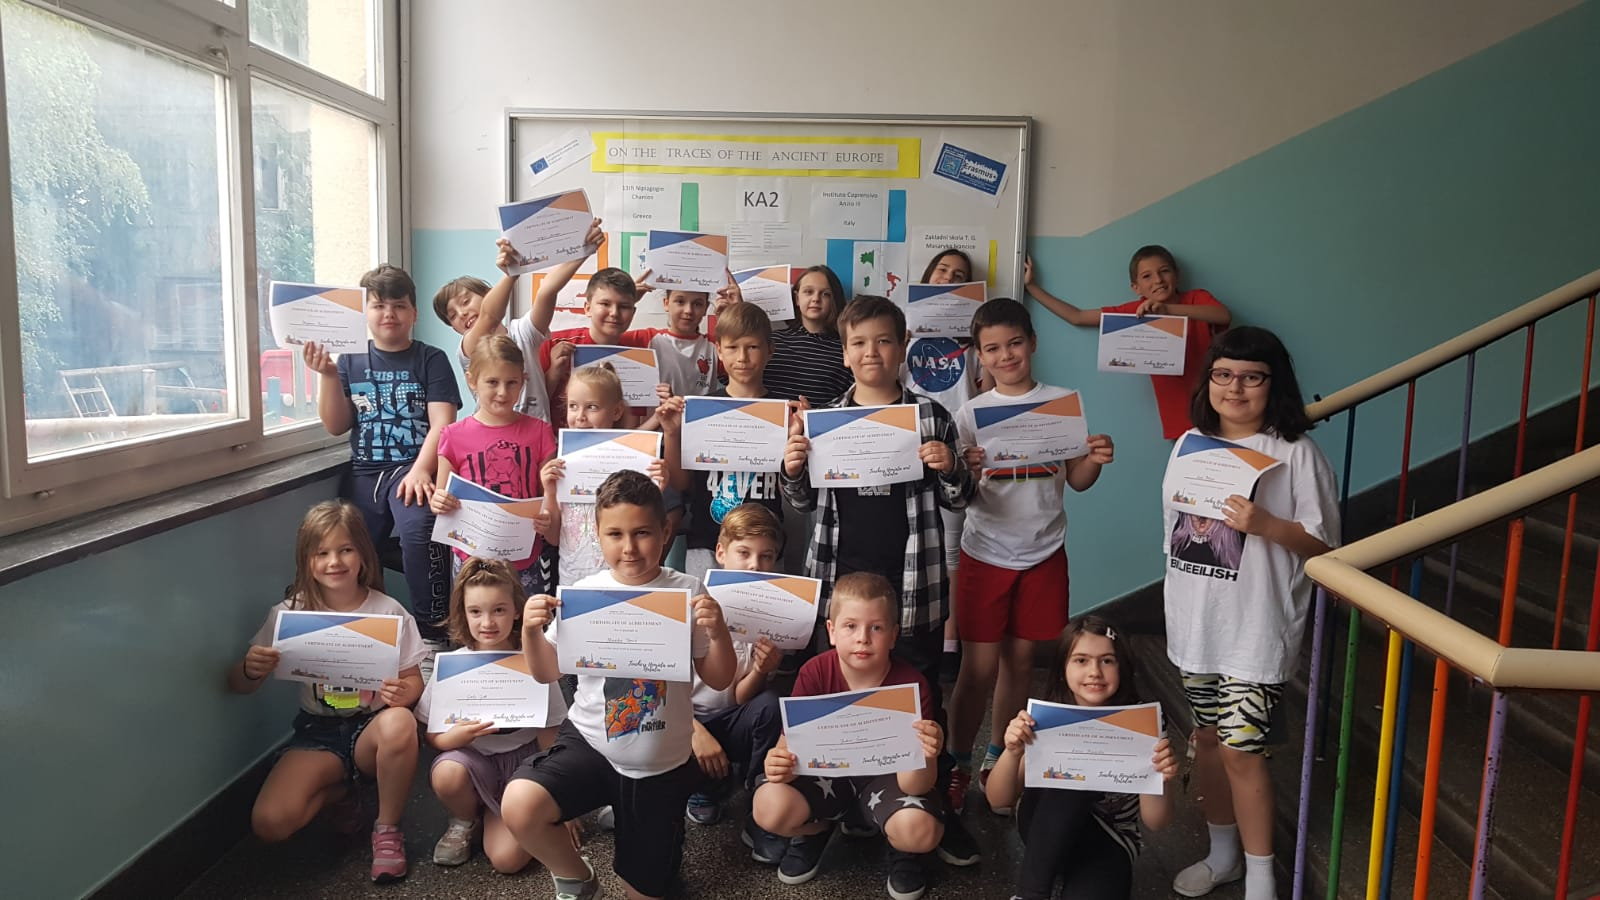 Učenici OŠ Ivana Gundulića s certifikatima o sudjelovanju u projektu